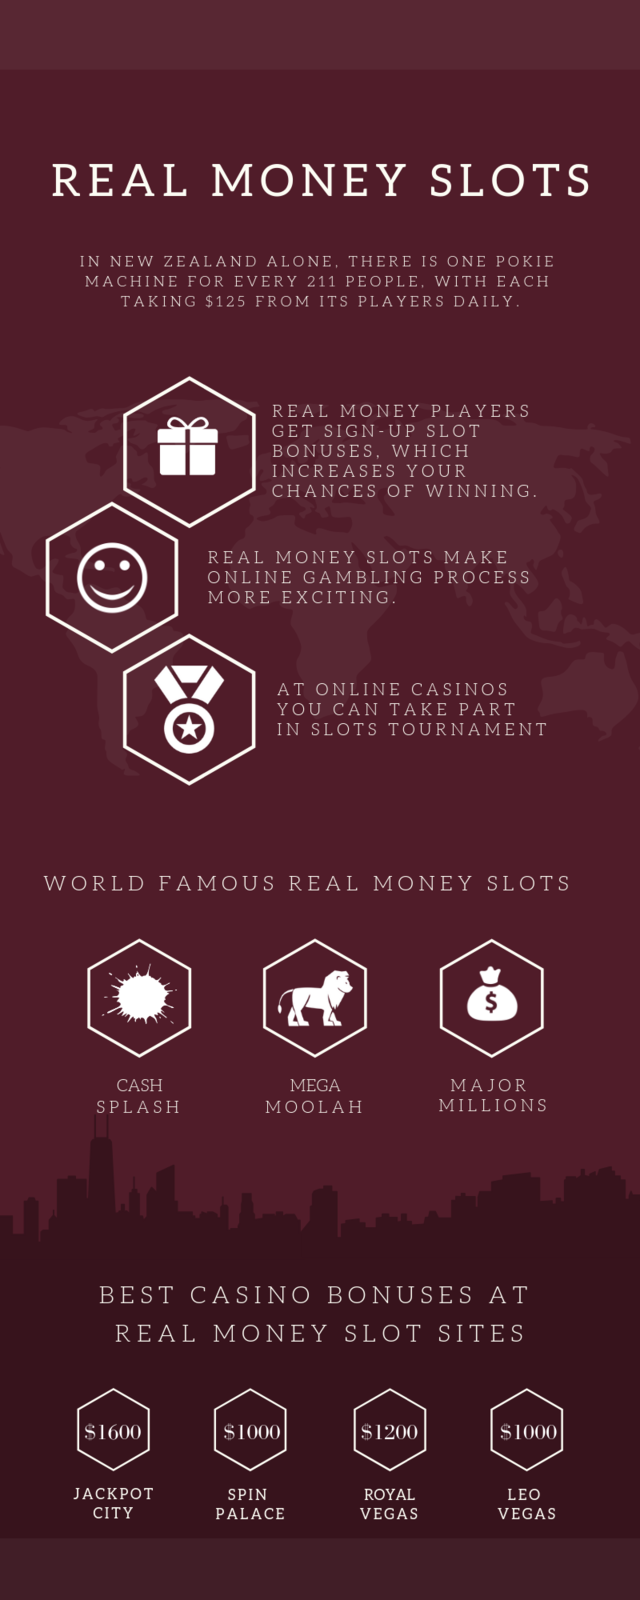 Real money slots